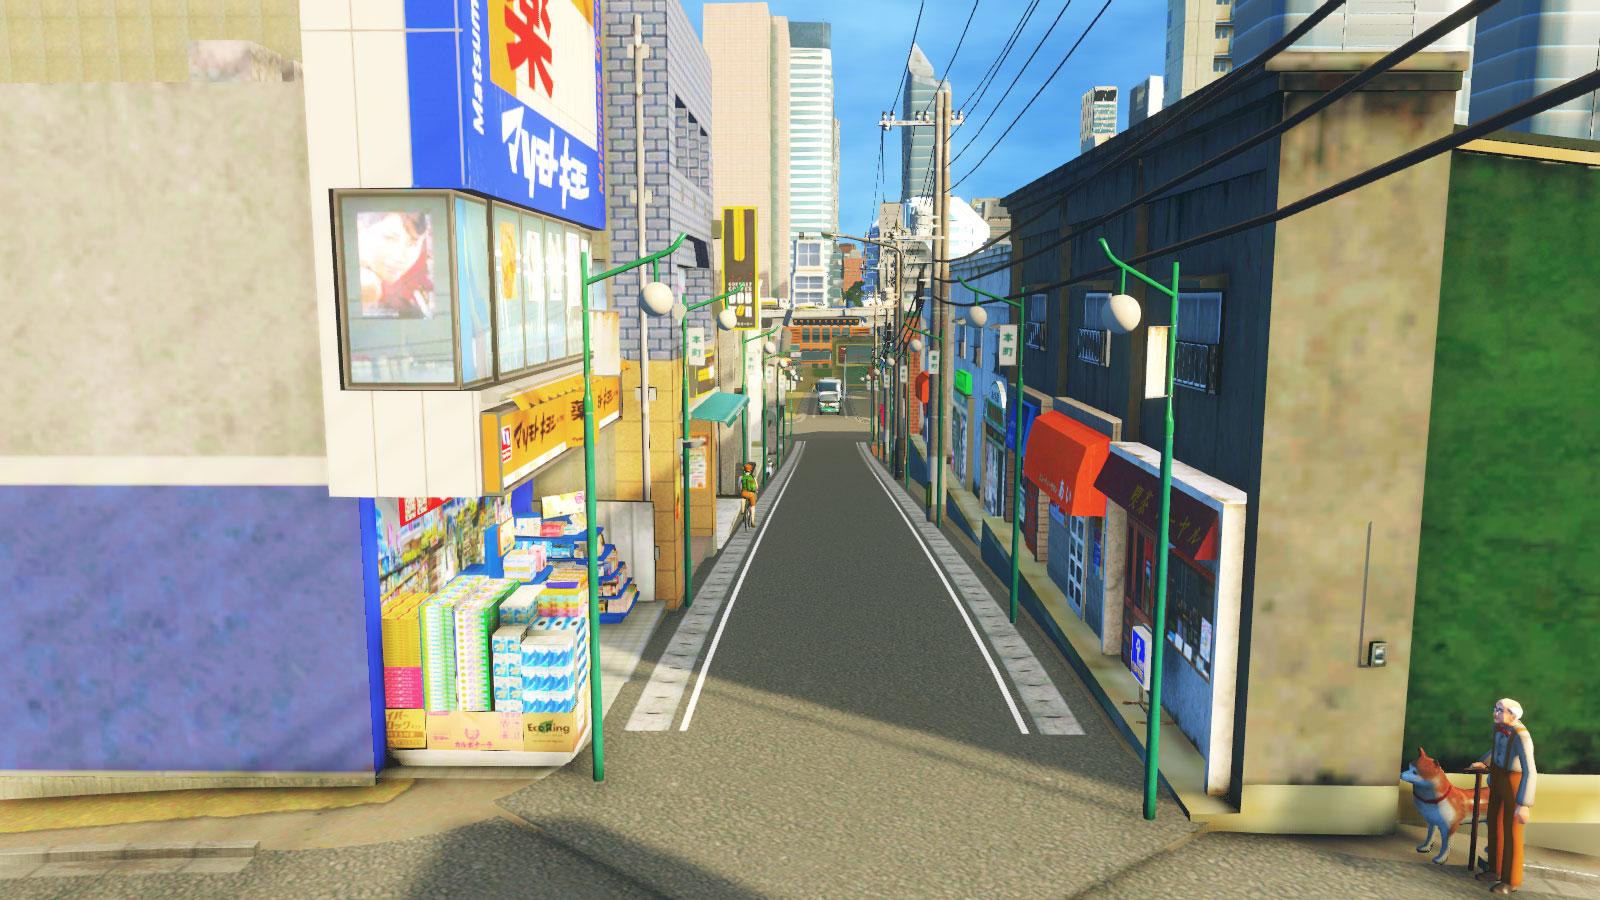 Cities_Skylines-2293